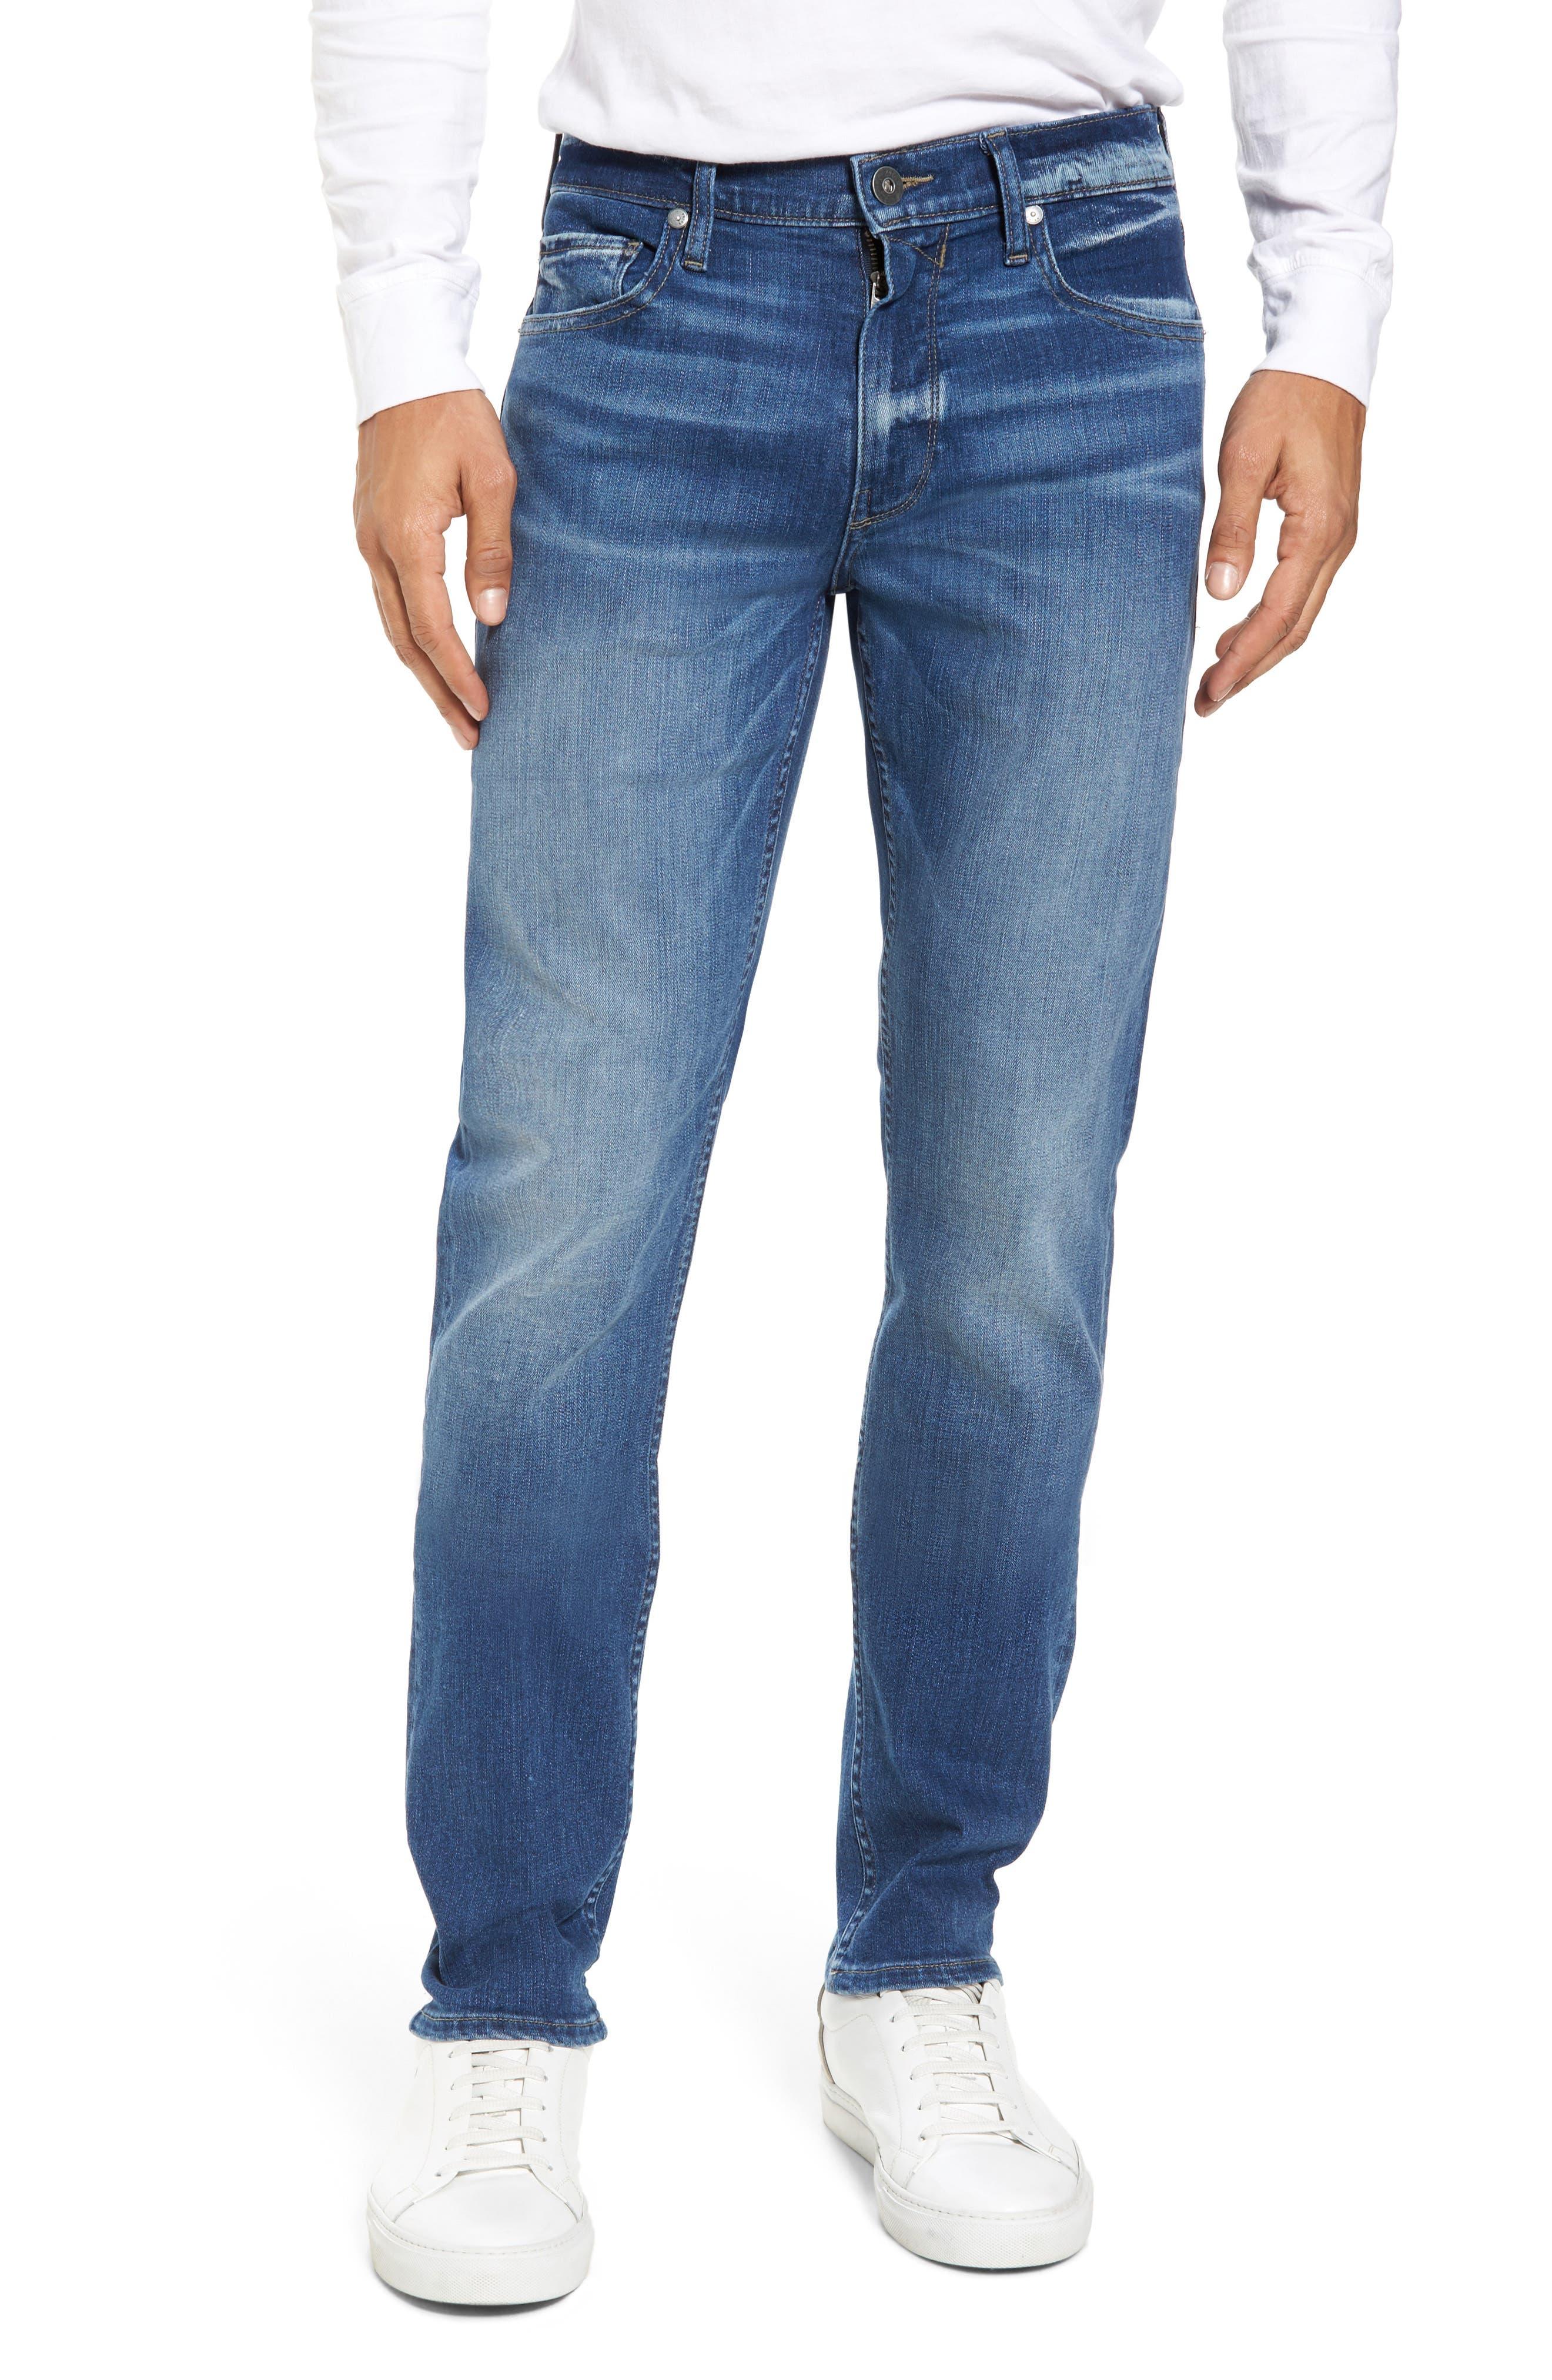 Transcend - Lennox Slim Fit Jeans,                         Main,                         color, 400